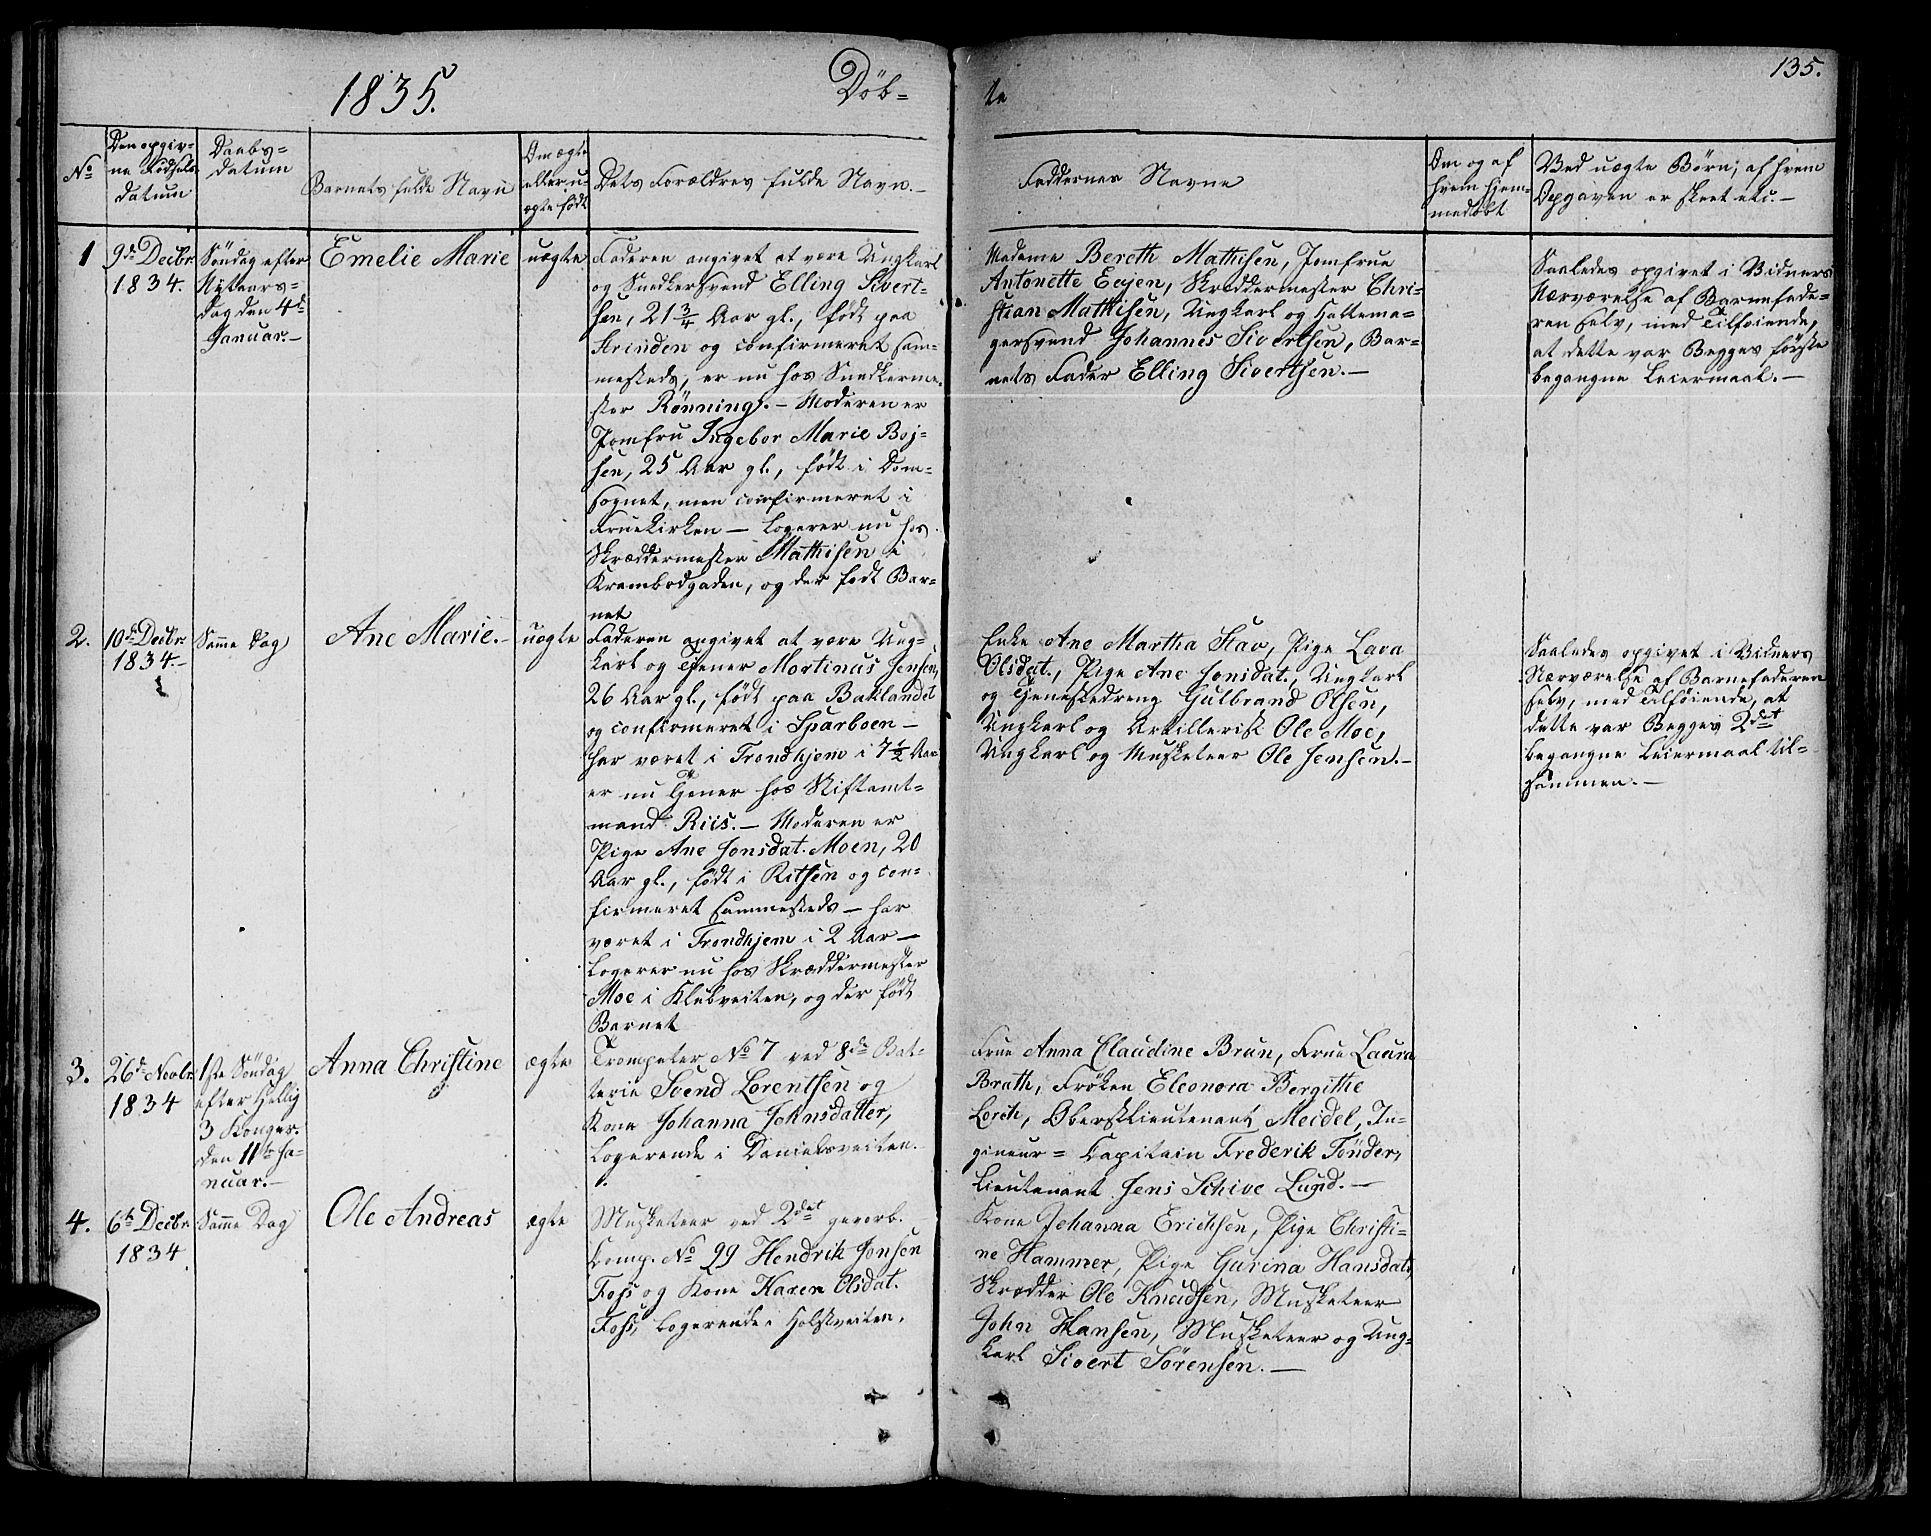 SAT, Ministerialprotokoller, klokkerbøker og fødselsregistre - Sør-Trøndelag, 602/L0108: Ministerialbok nr. 602A06, 1821-1839, s. 135